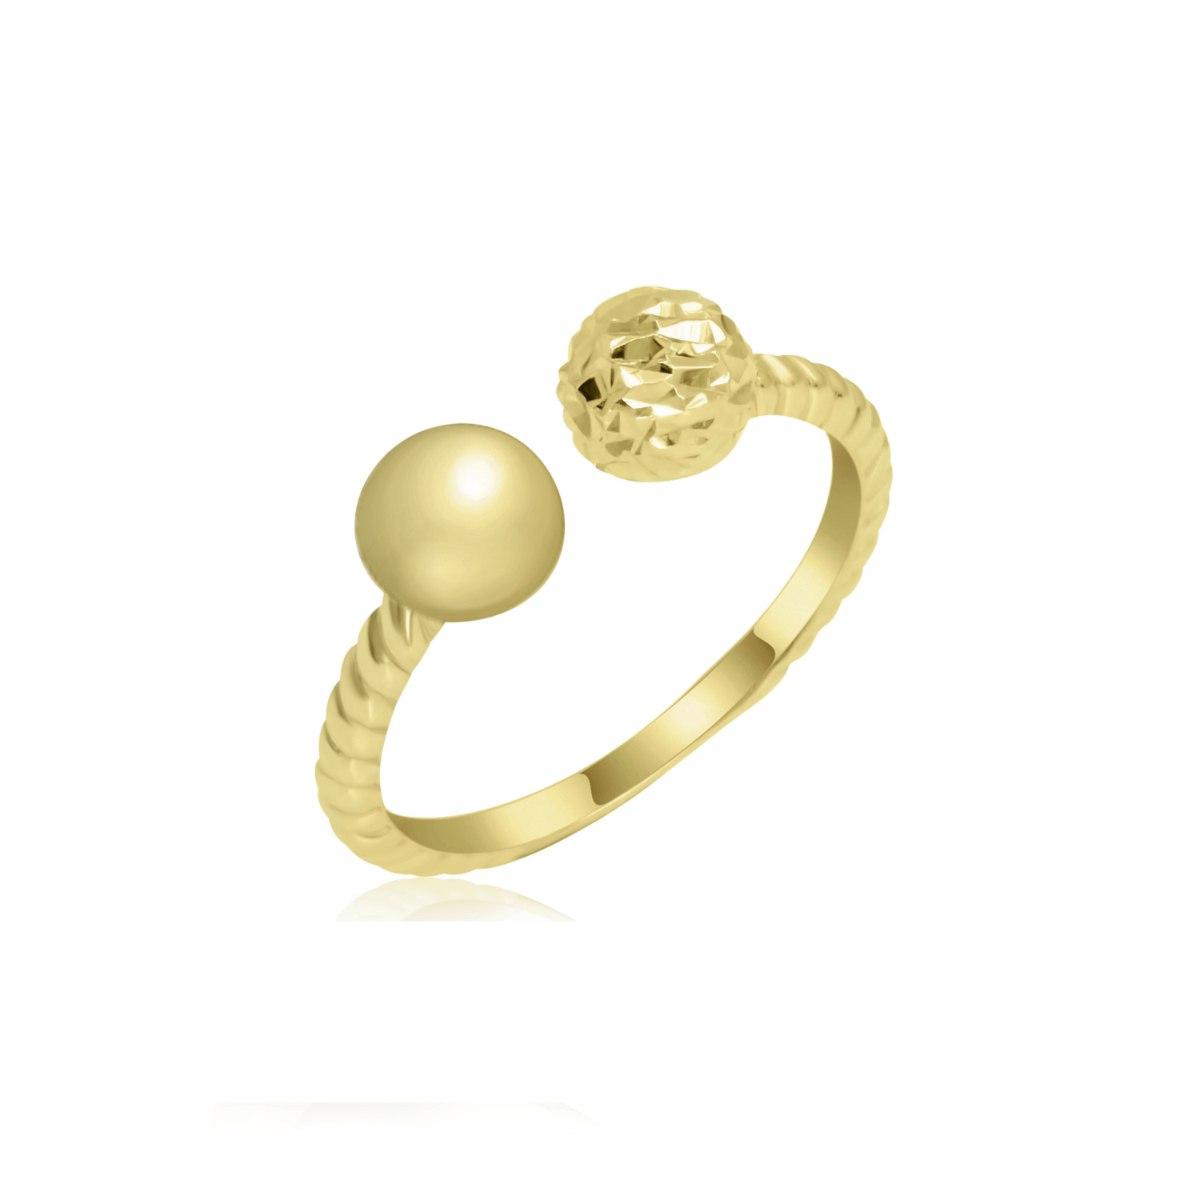 טבעת זהב פתוחה כדורים